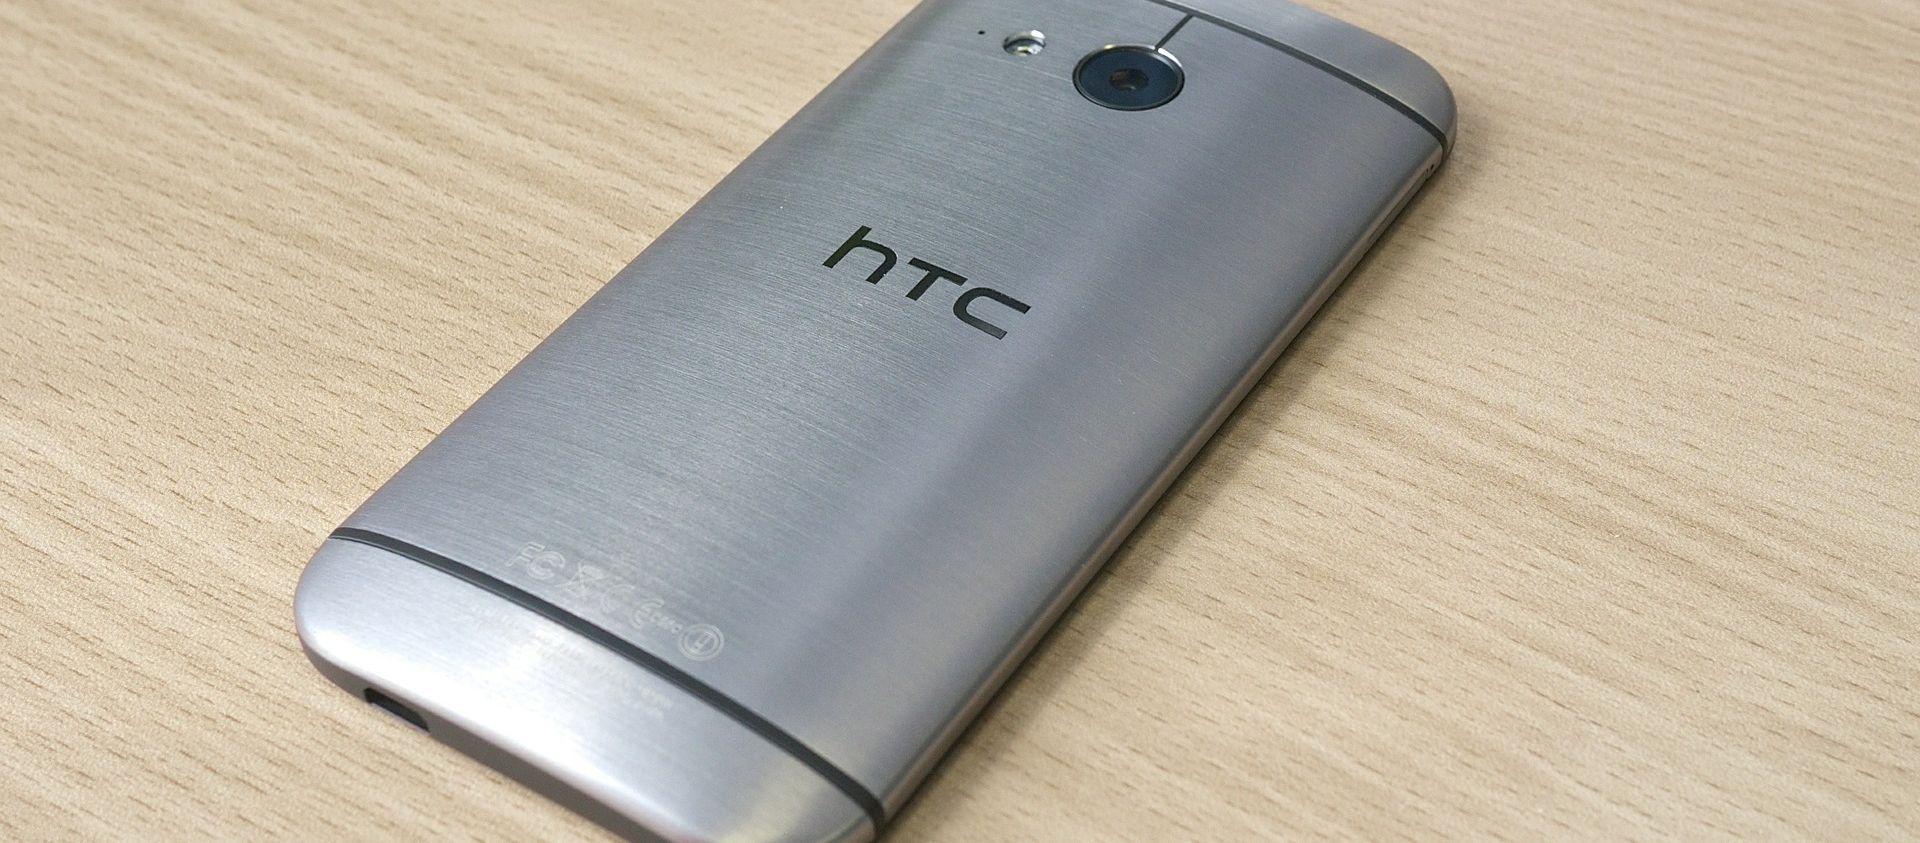 Tajvanski HTC planira ukinuti 1.500 radnih mjesta